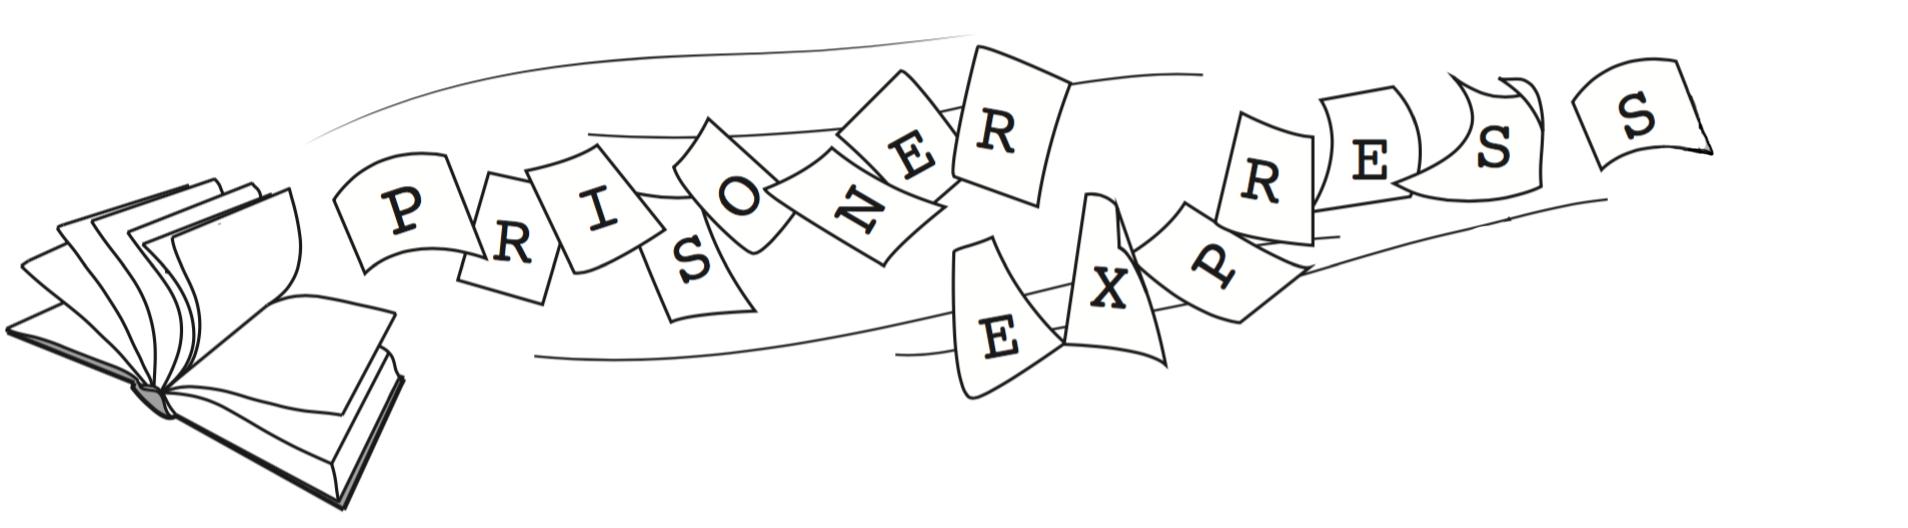 Prisoner Express